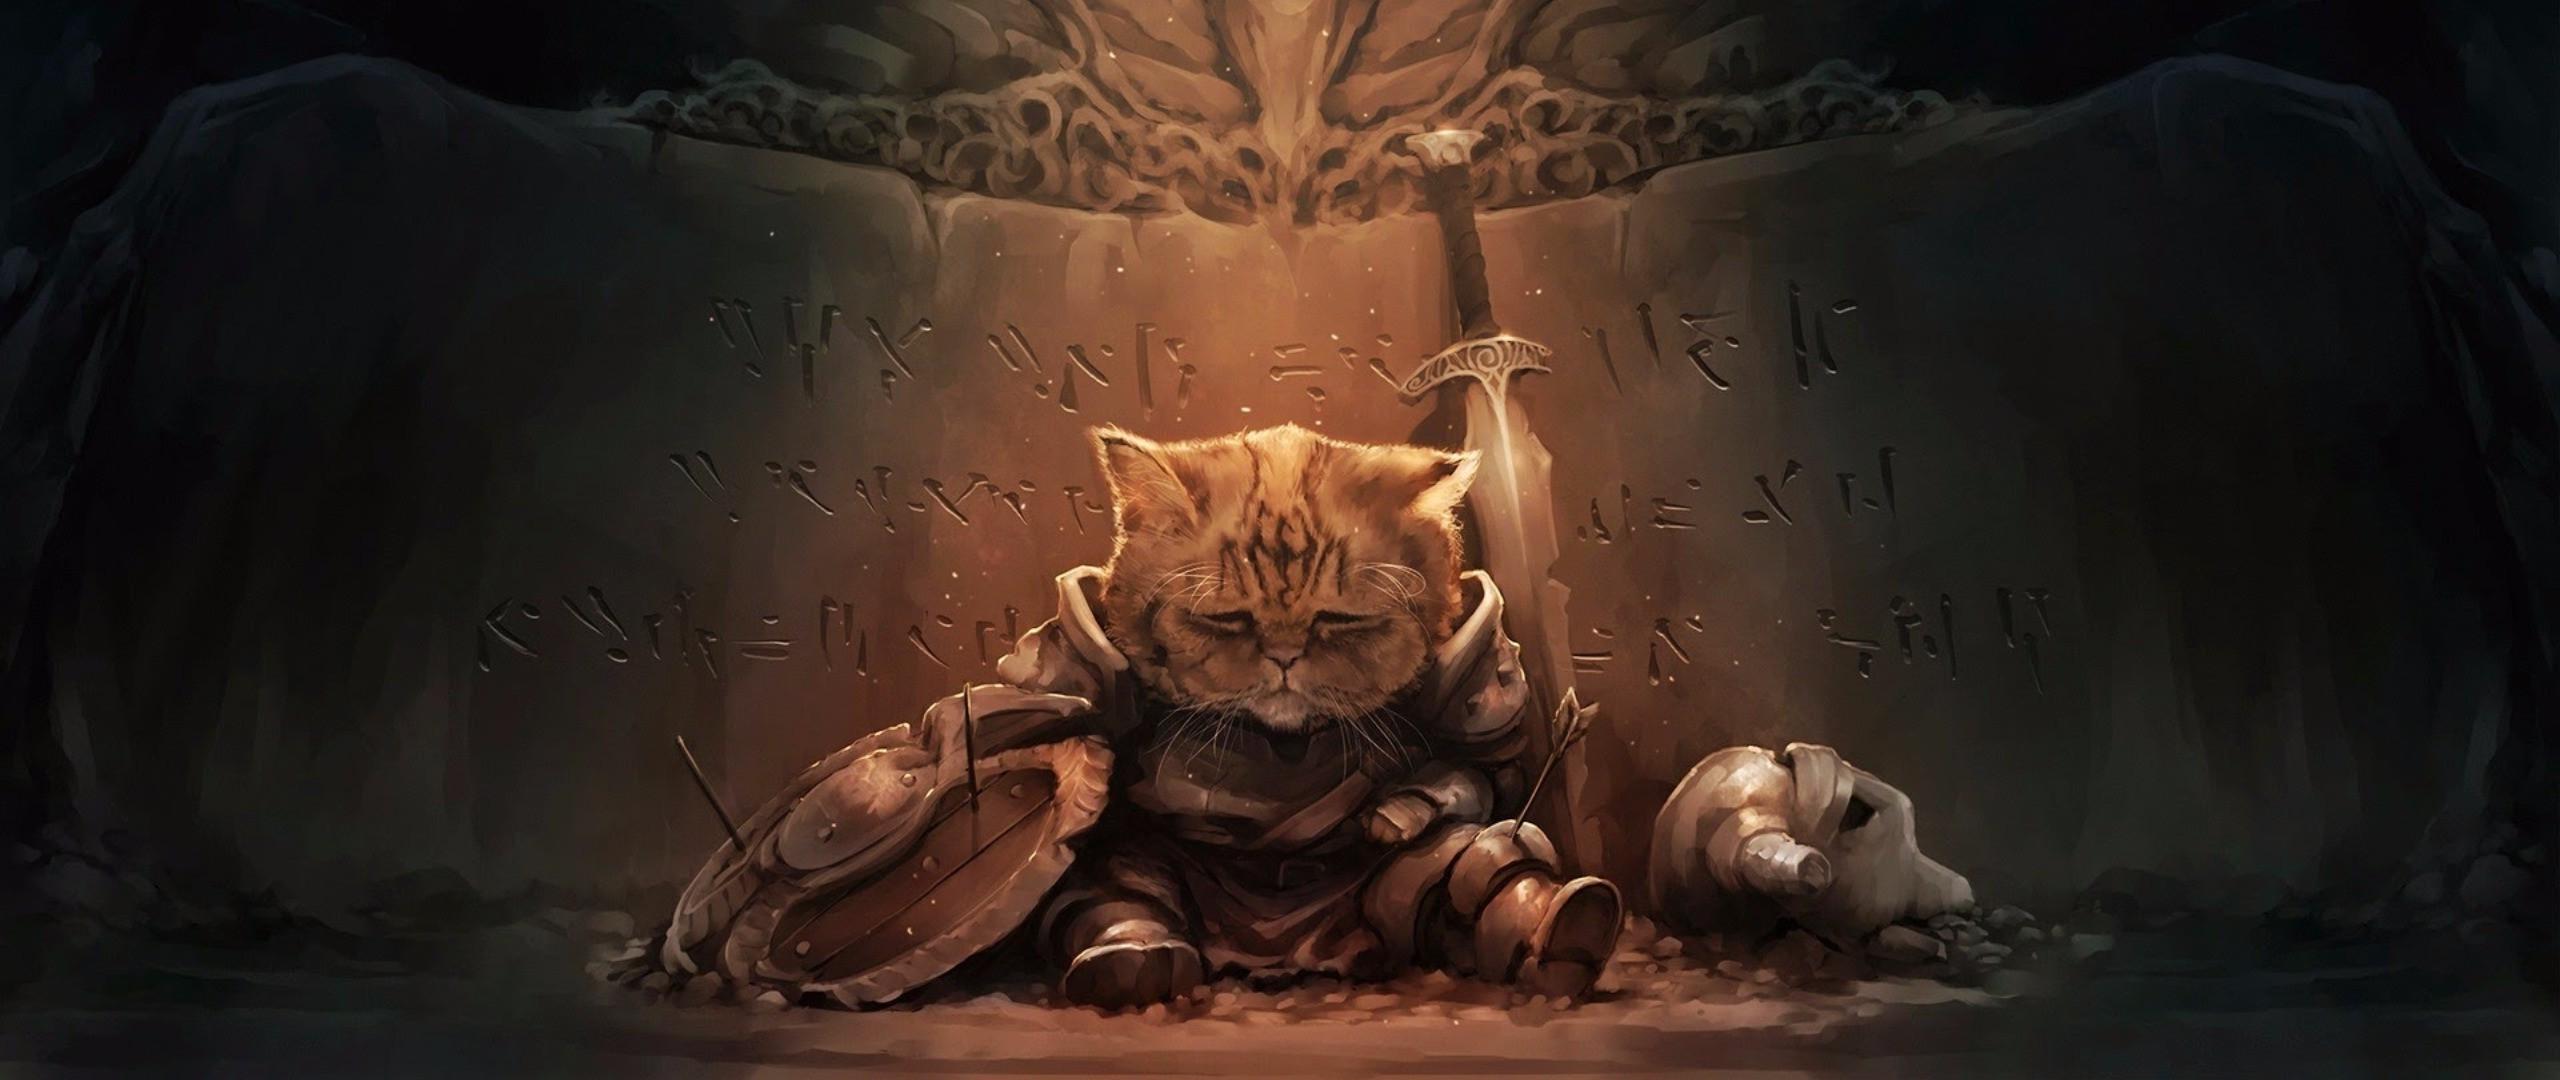 Wallpaper Cat The Elder Scrolls V Skyrim Mythology Art